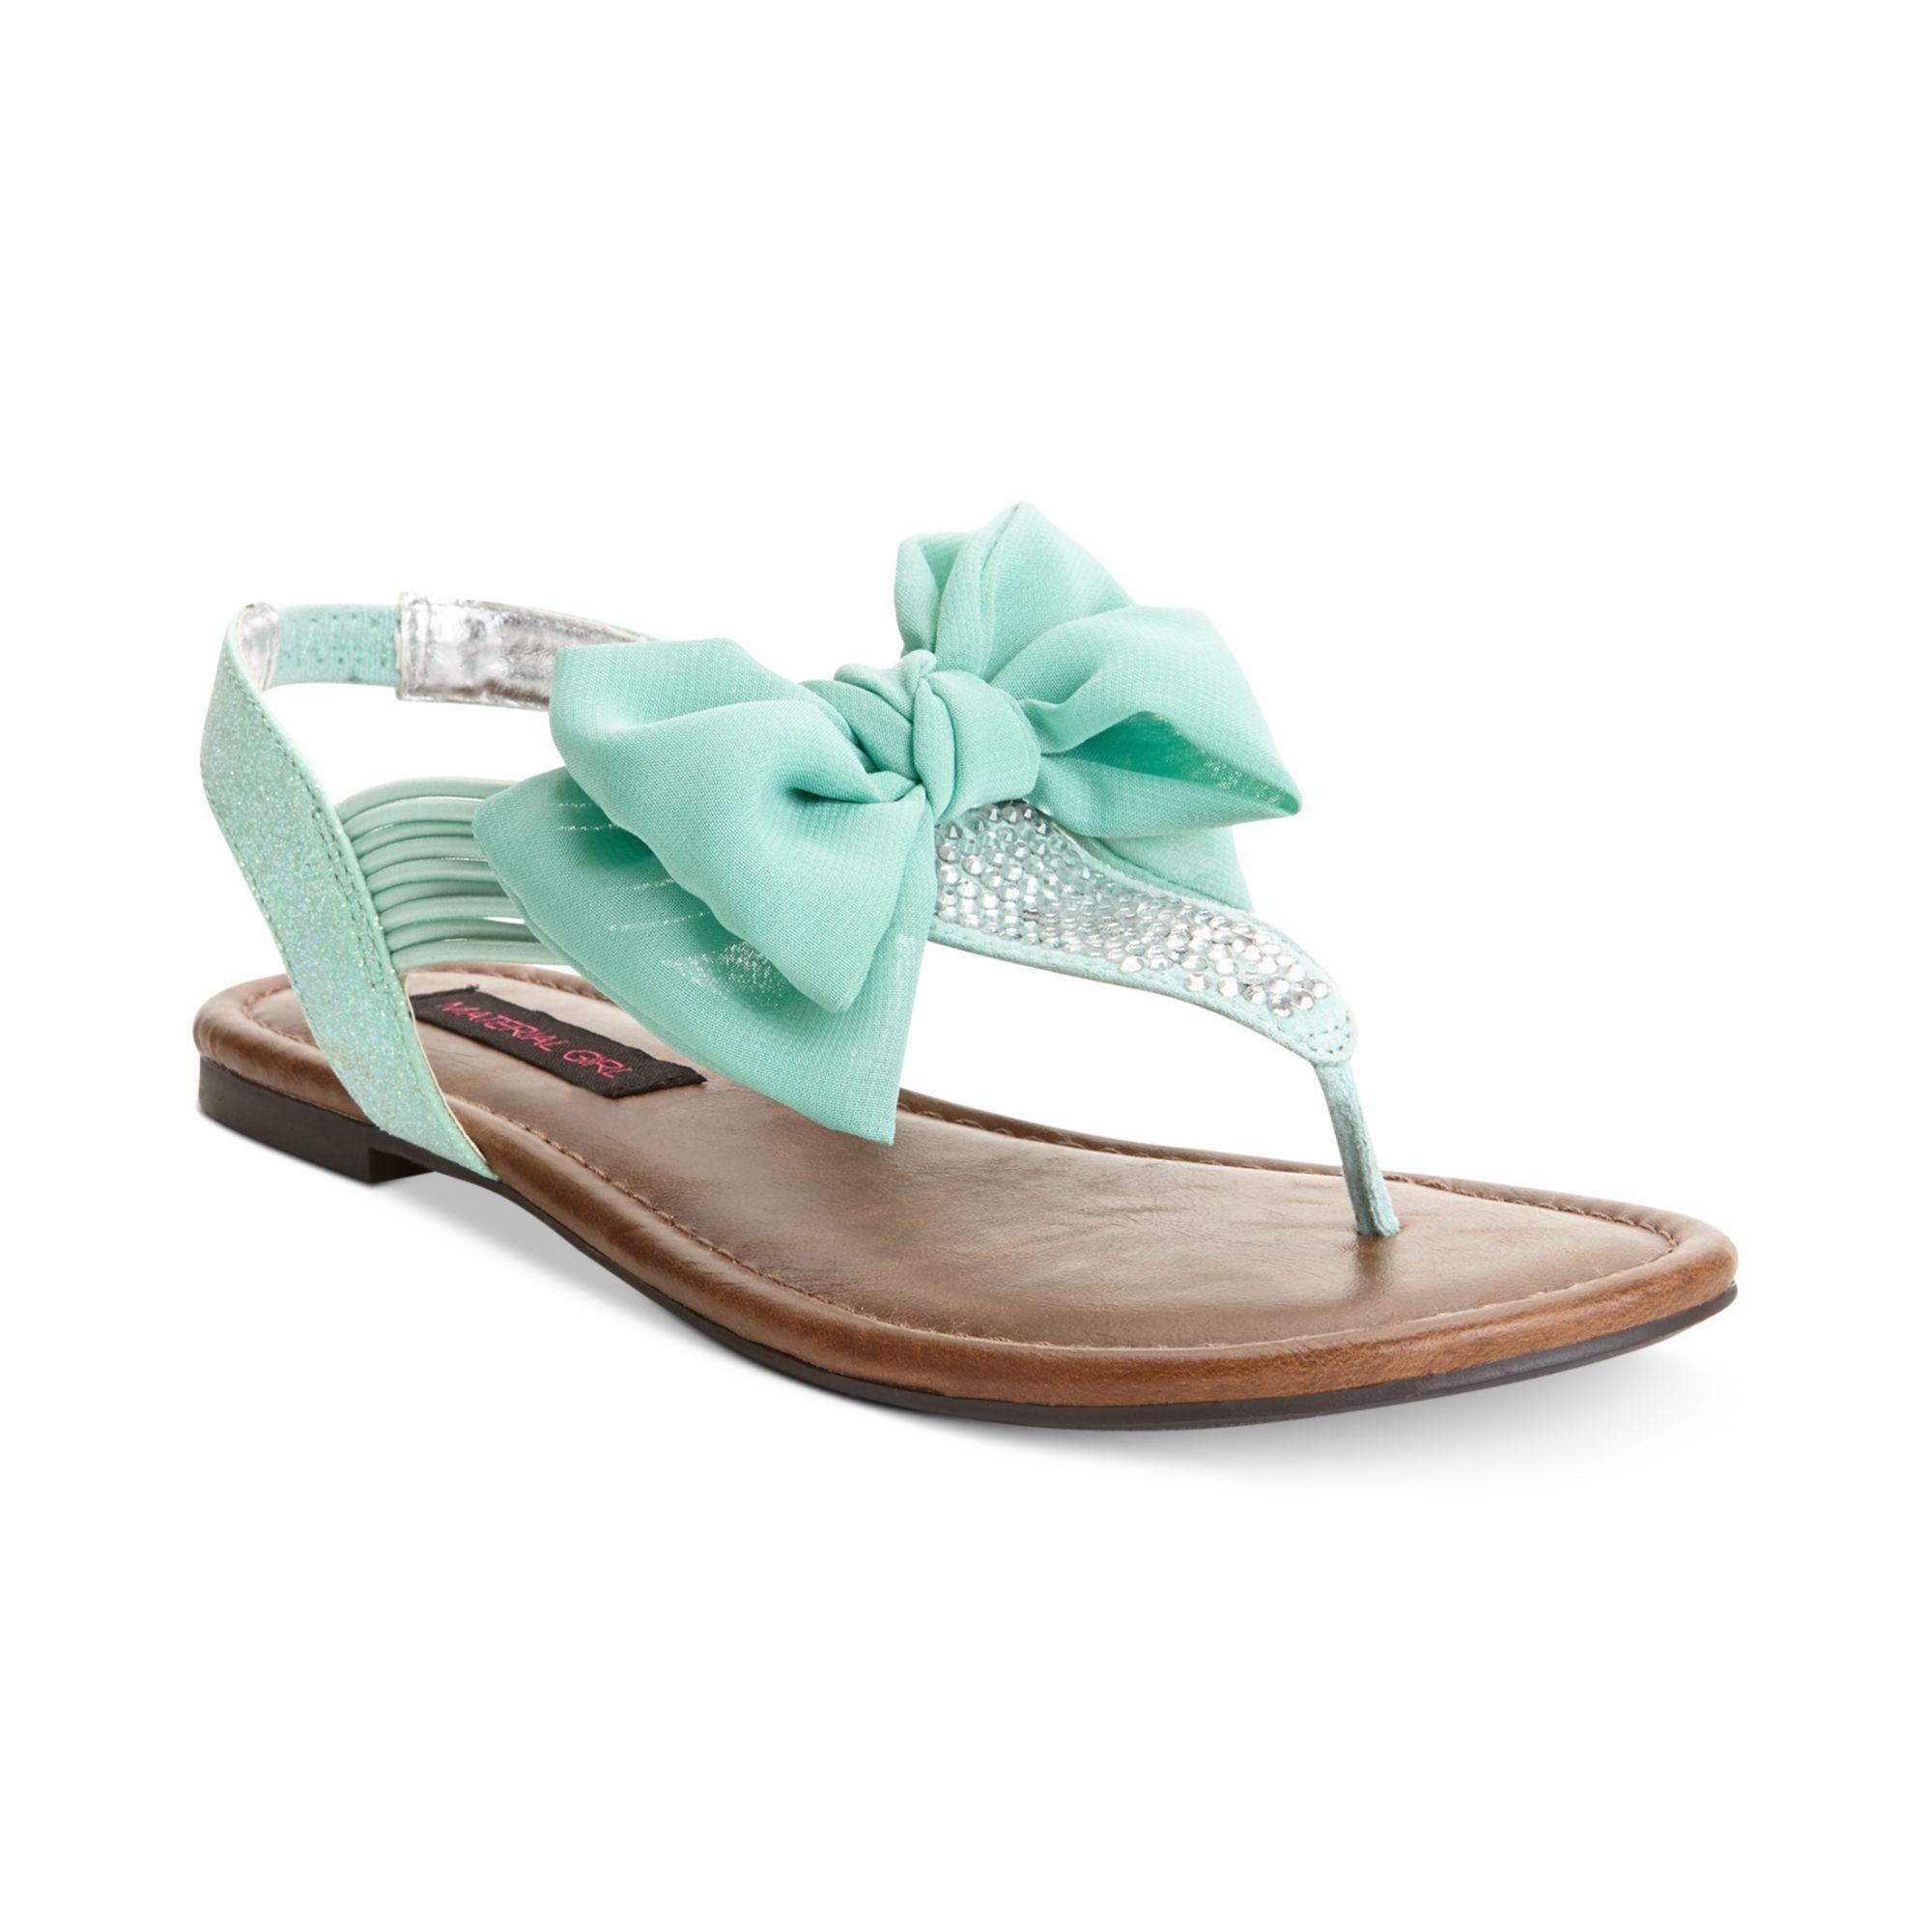 Mint Color Flat Shoes